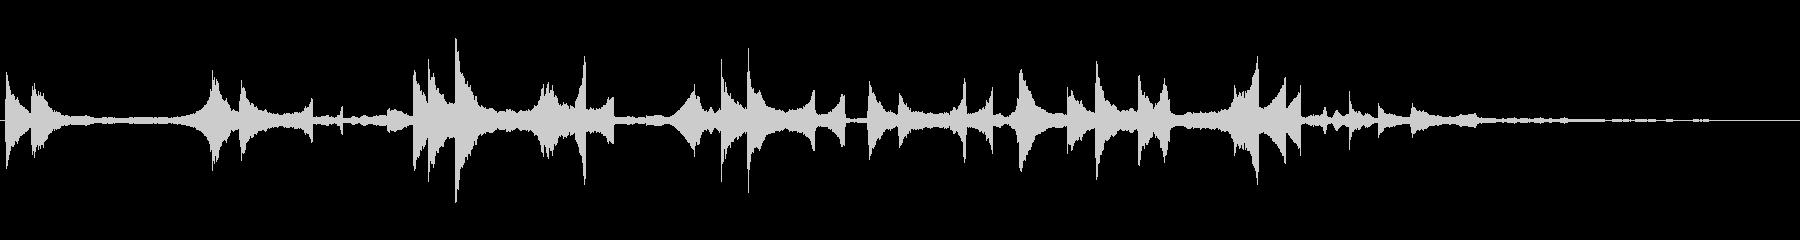 優しい雰囲気の柔らかいピアノ曲の未再生の波形